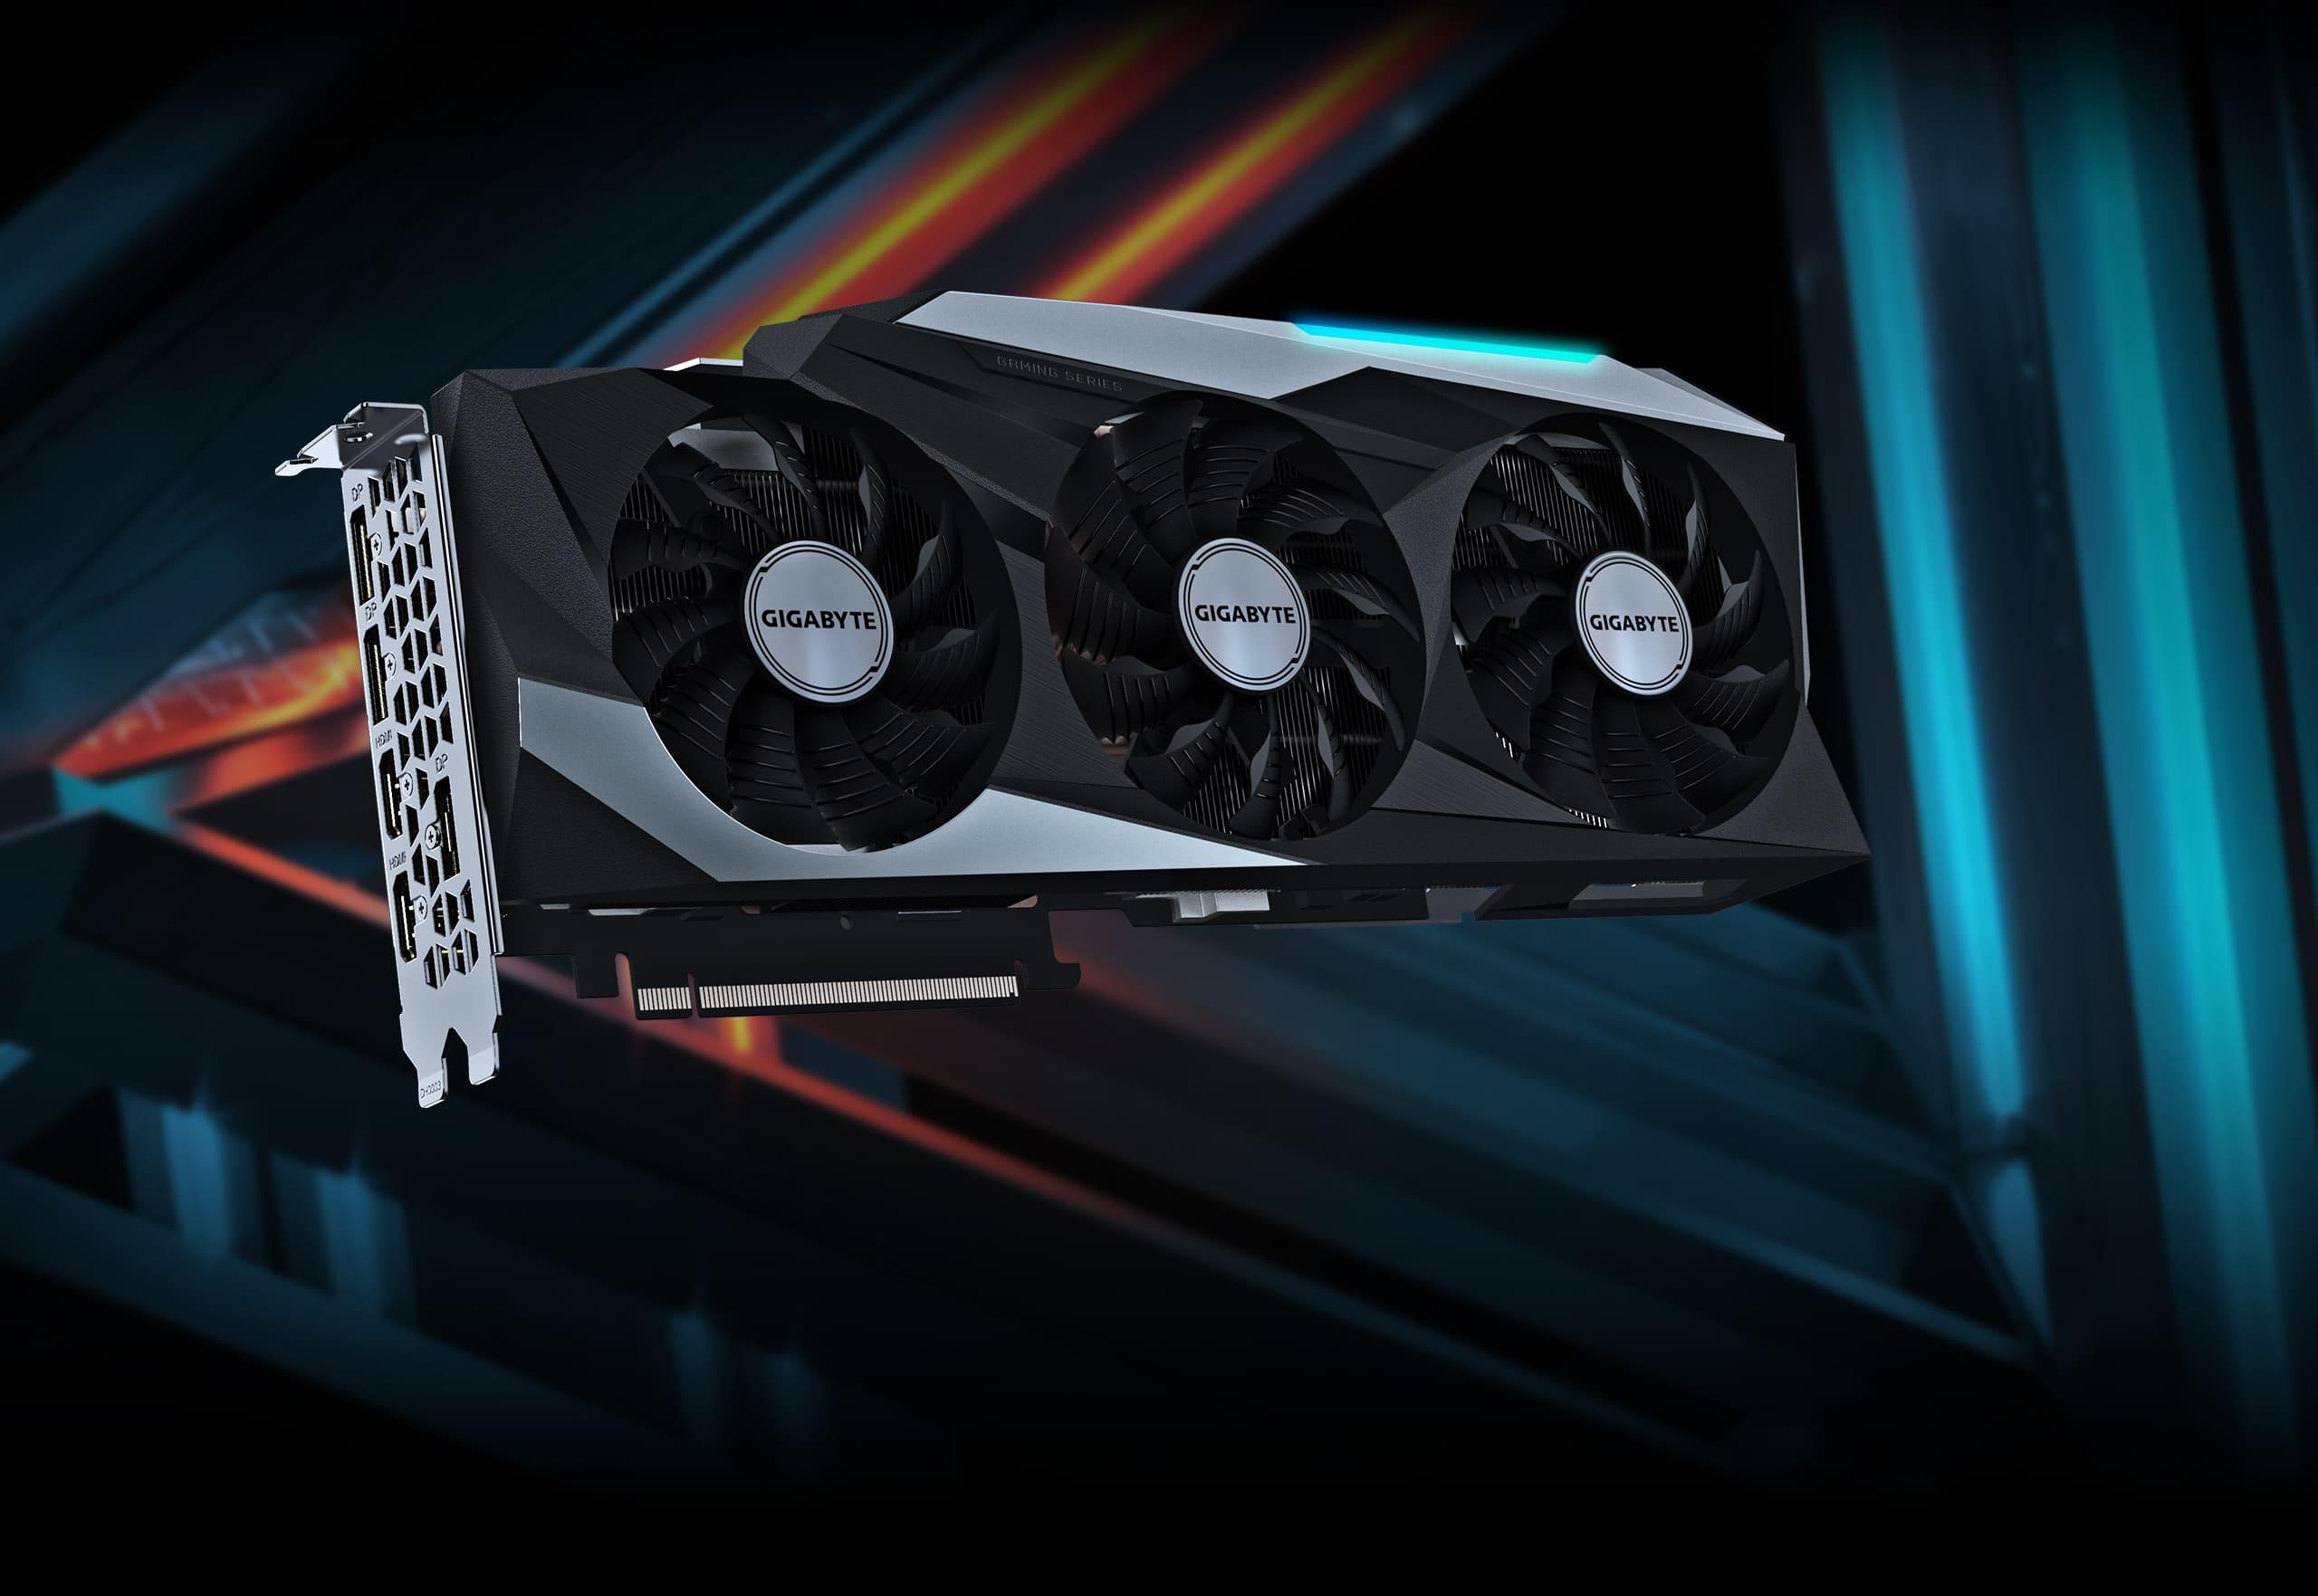 Gigabyte GeForce RTX 3090 GAMING OC 24G 8